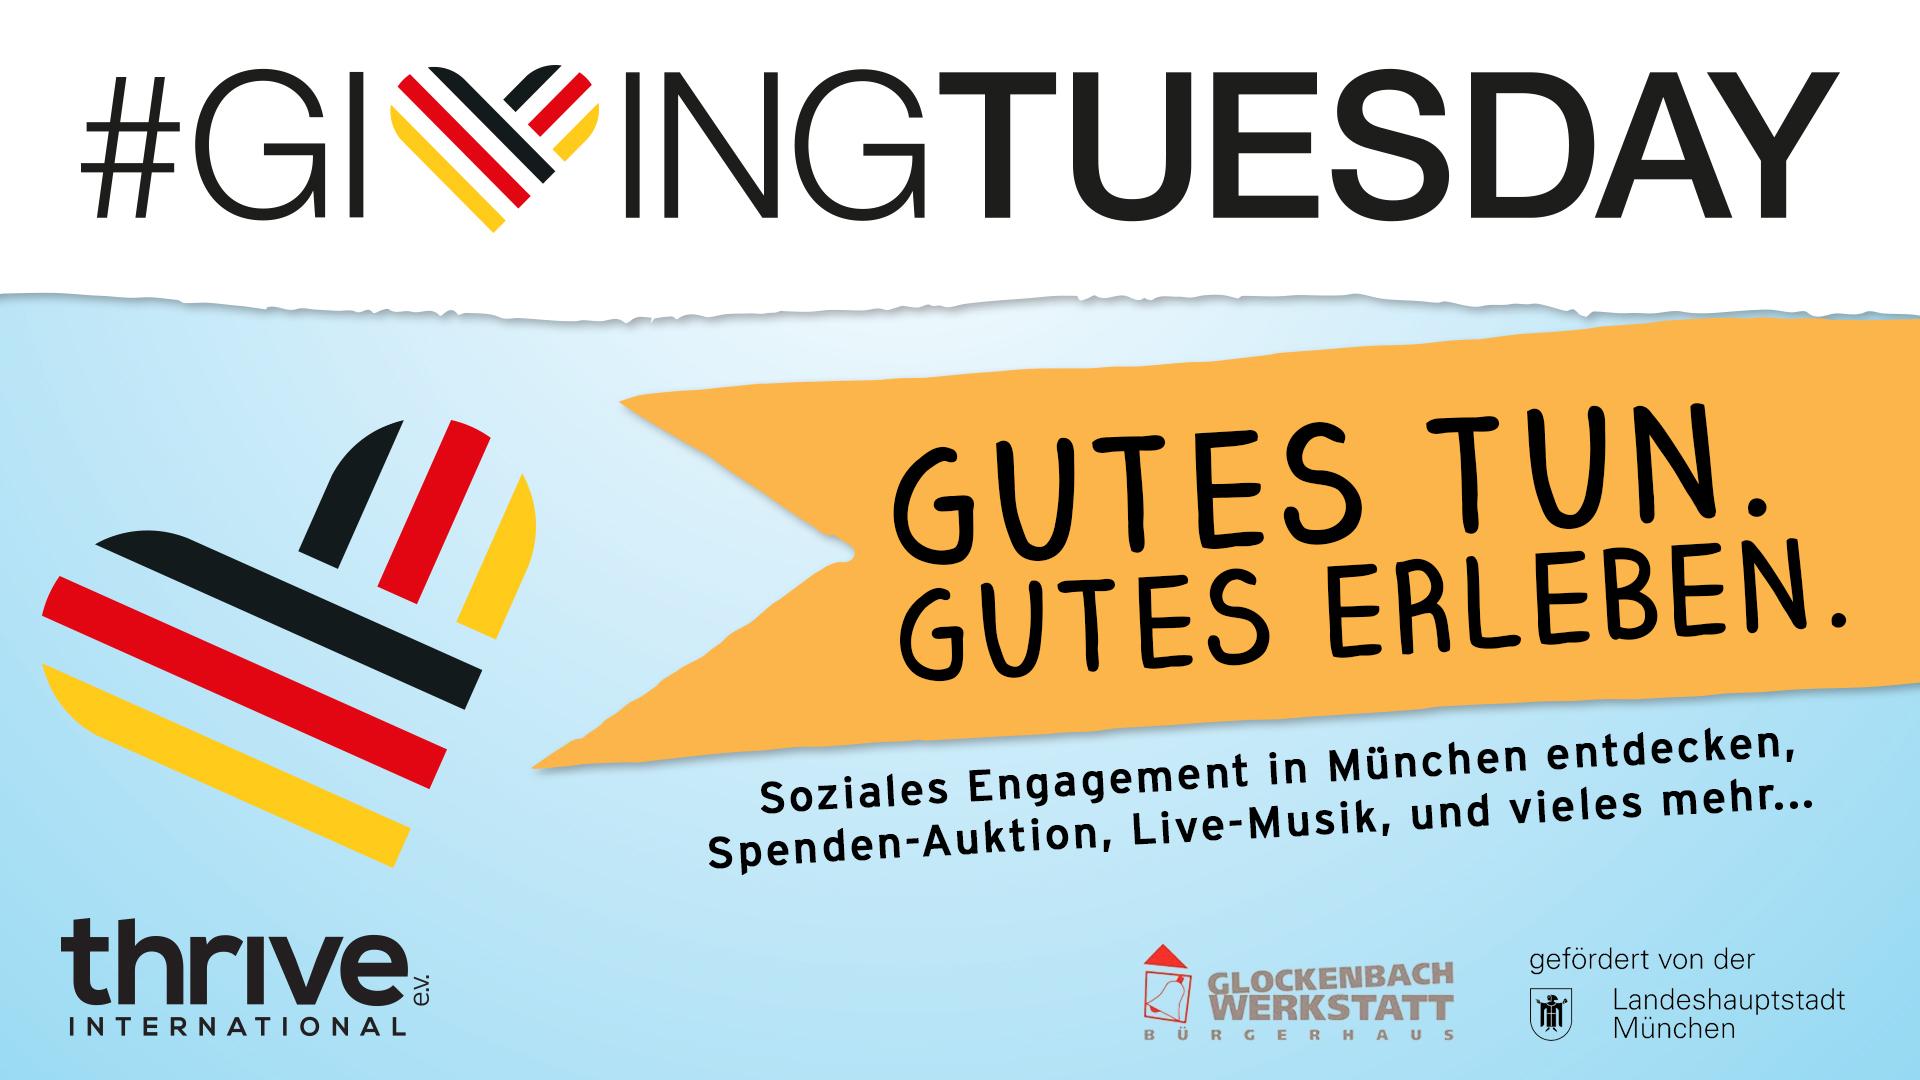 28.11.17 - #GivingTuesday.jpg